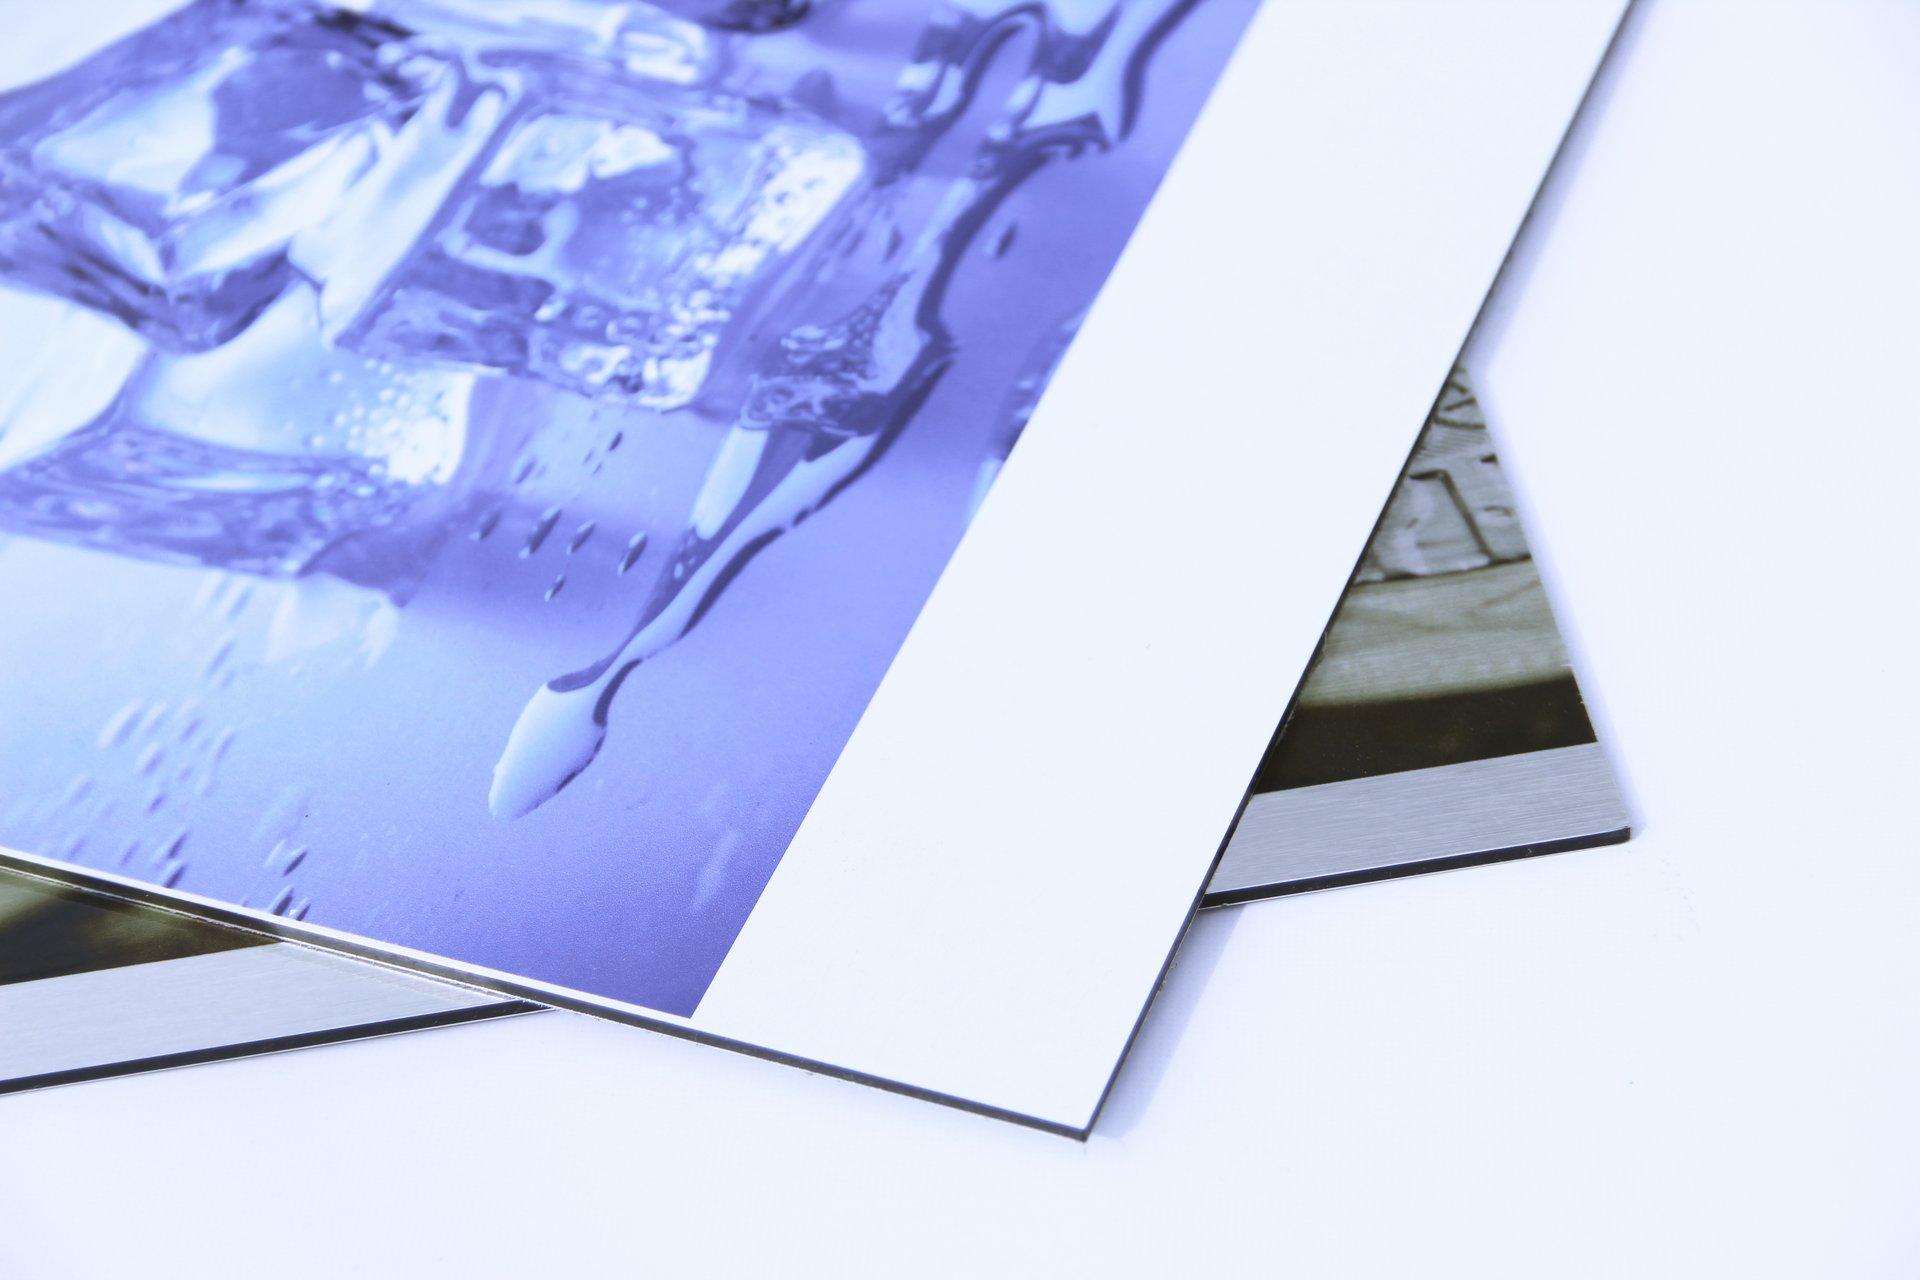 Альтернативные способы печати фотографий